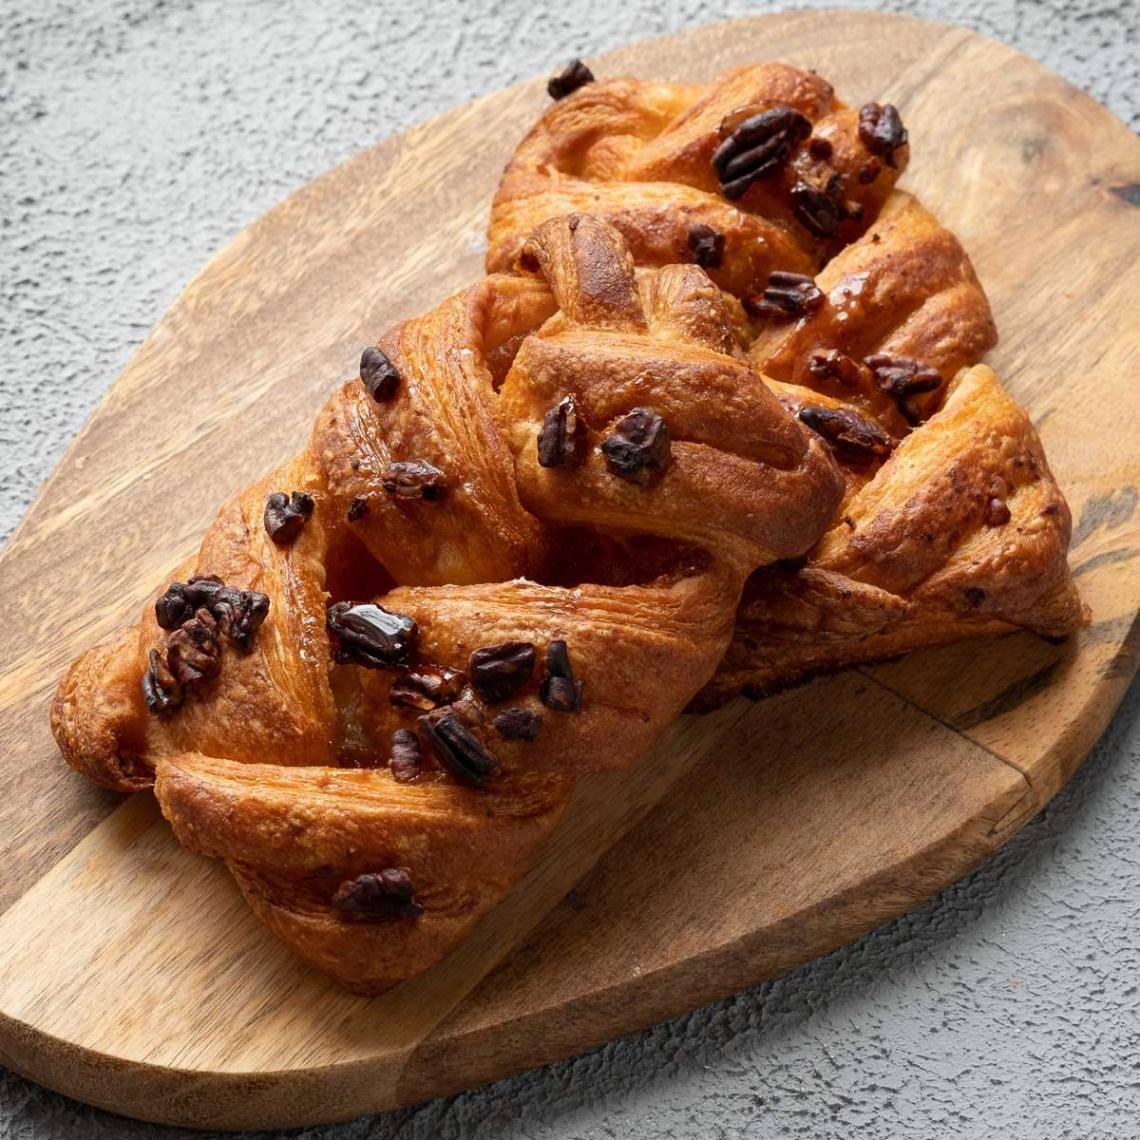 Рецепт слойки с орехом пекан и кленовым сиропом